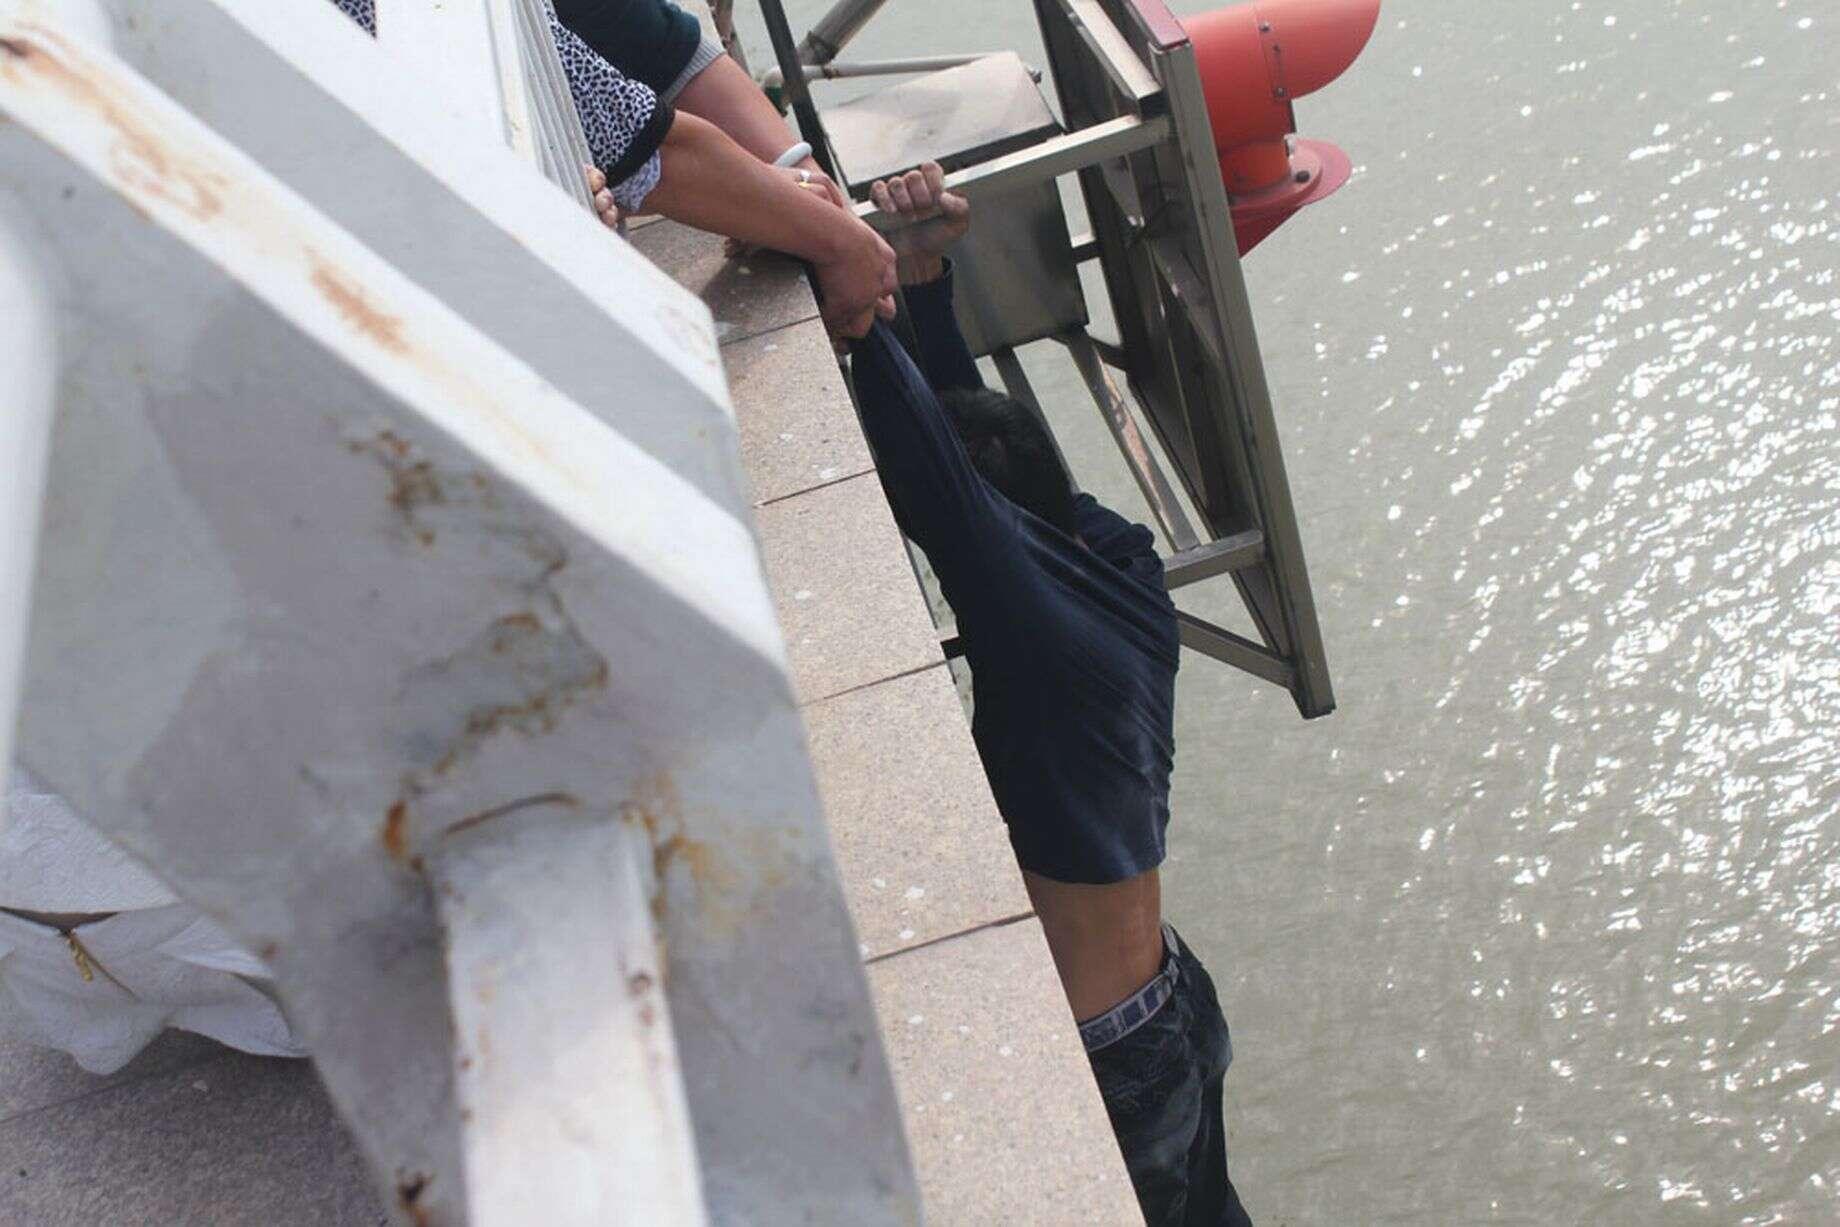 Mãe segura braço do filho após jovem saltar de ponte em tentativa de suicídio